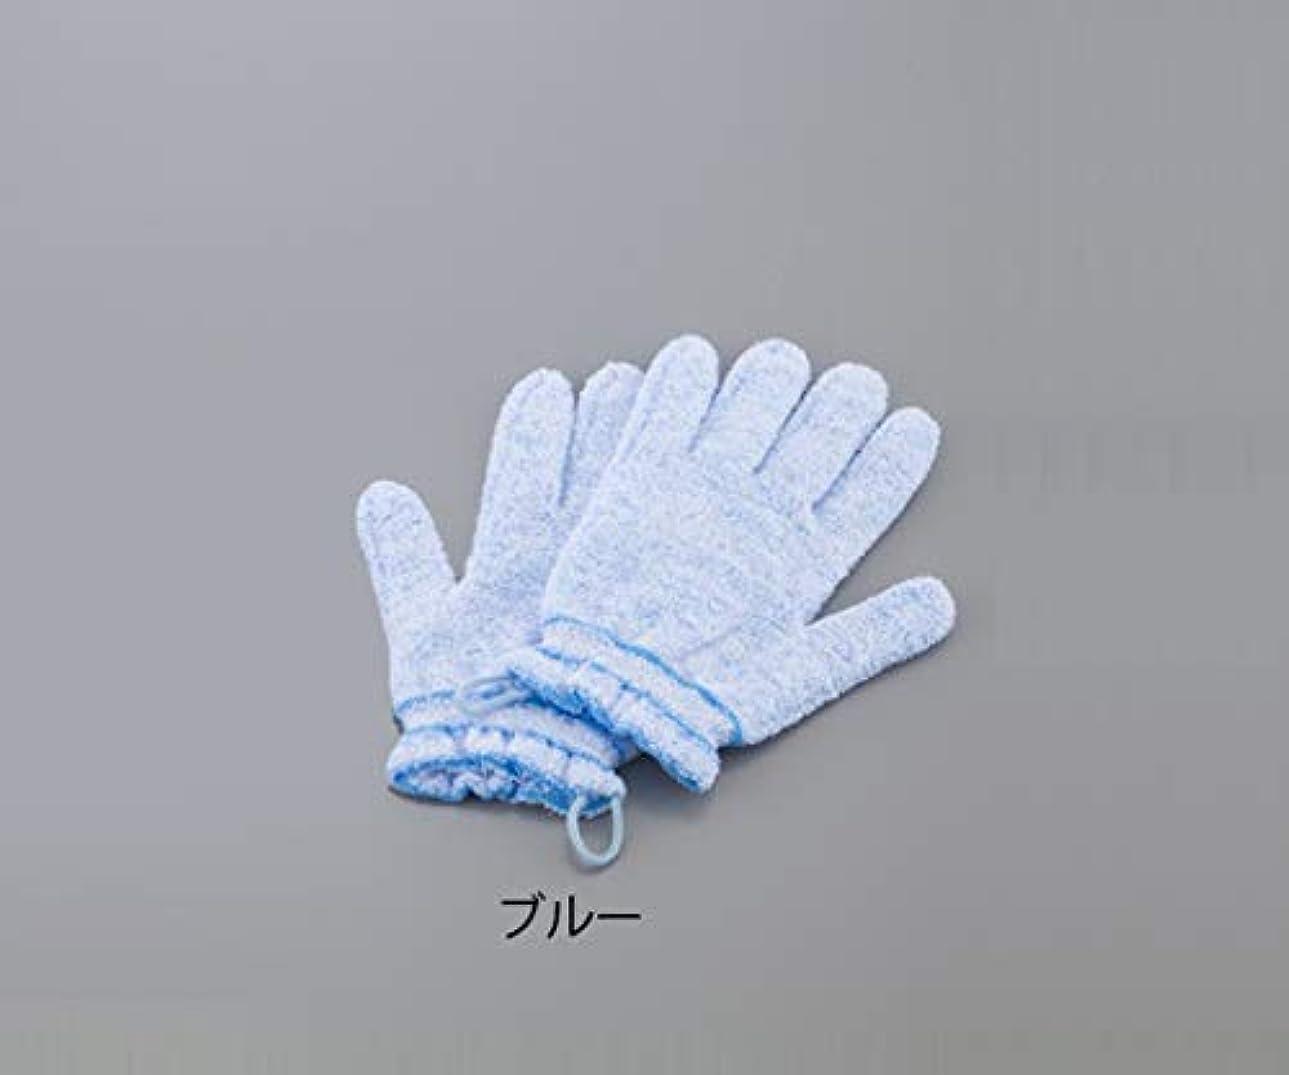 退屈なシダダイジェスト0-4015-02浴用手袋(やさしい手)ブルー